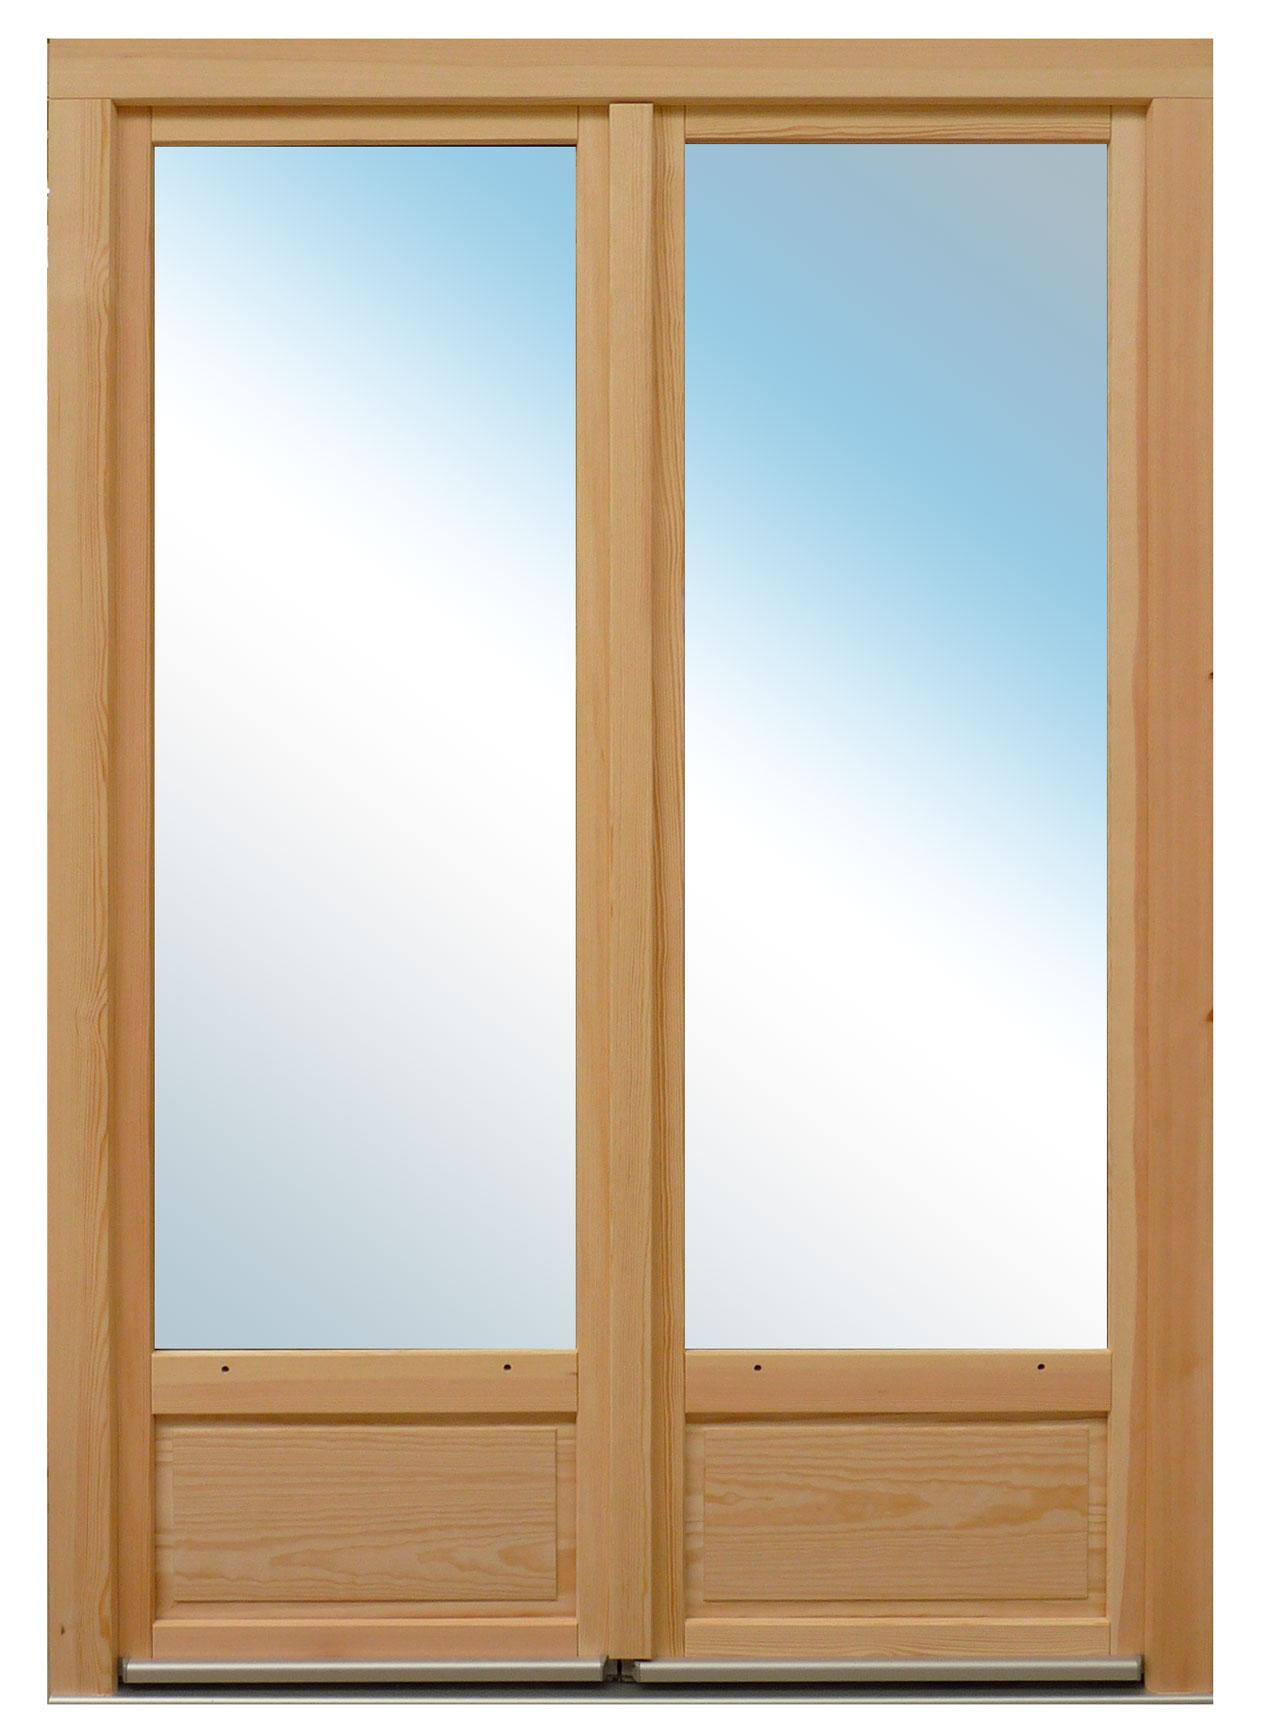 Portes Fenêtres Bois Ouverture à La Française Cim Porraz